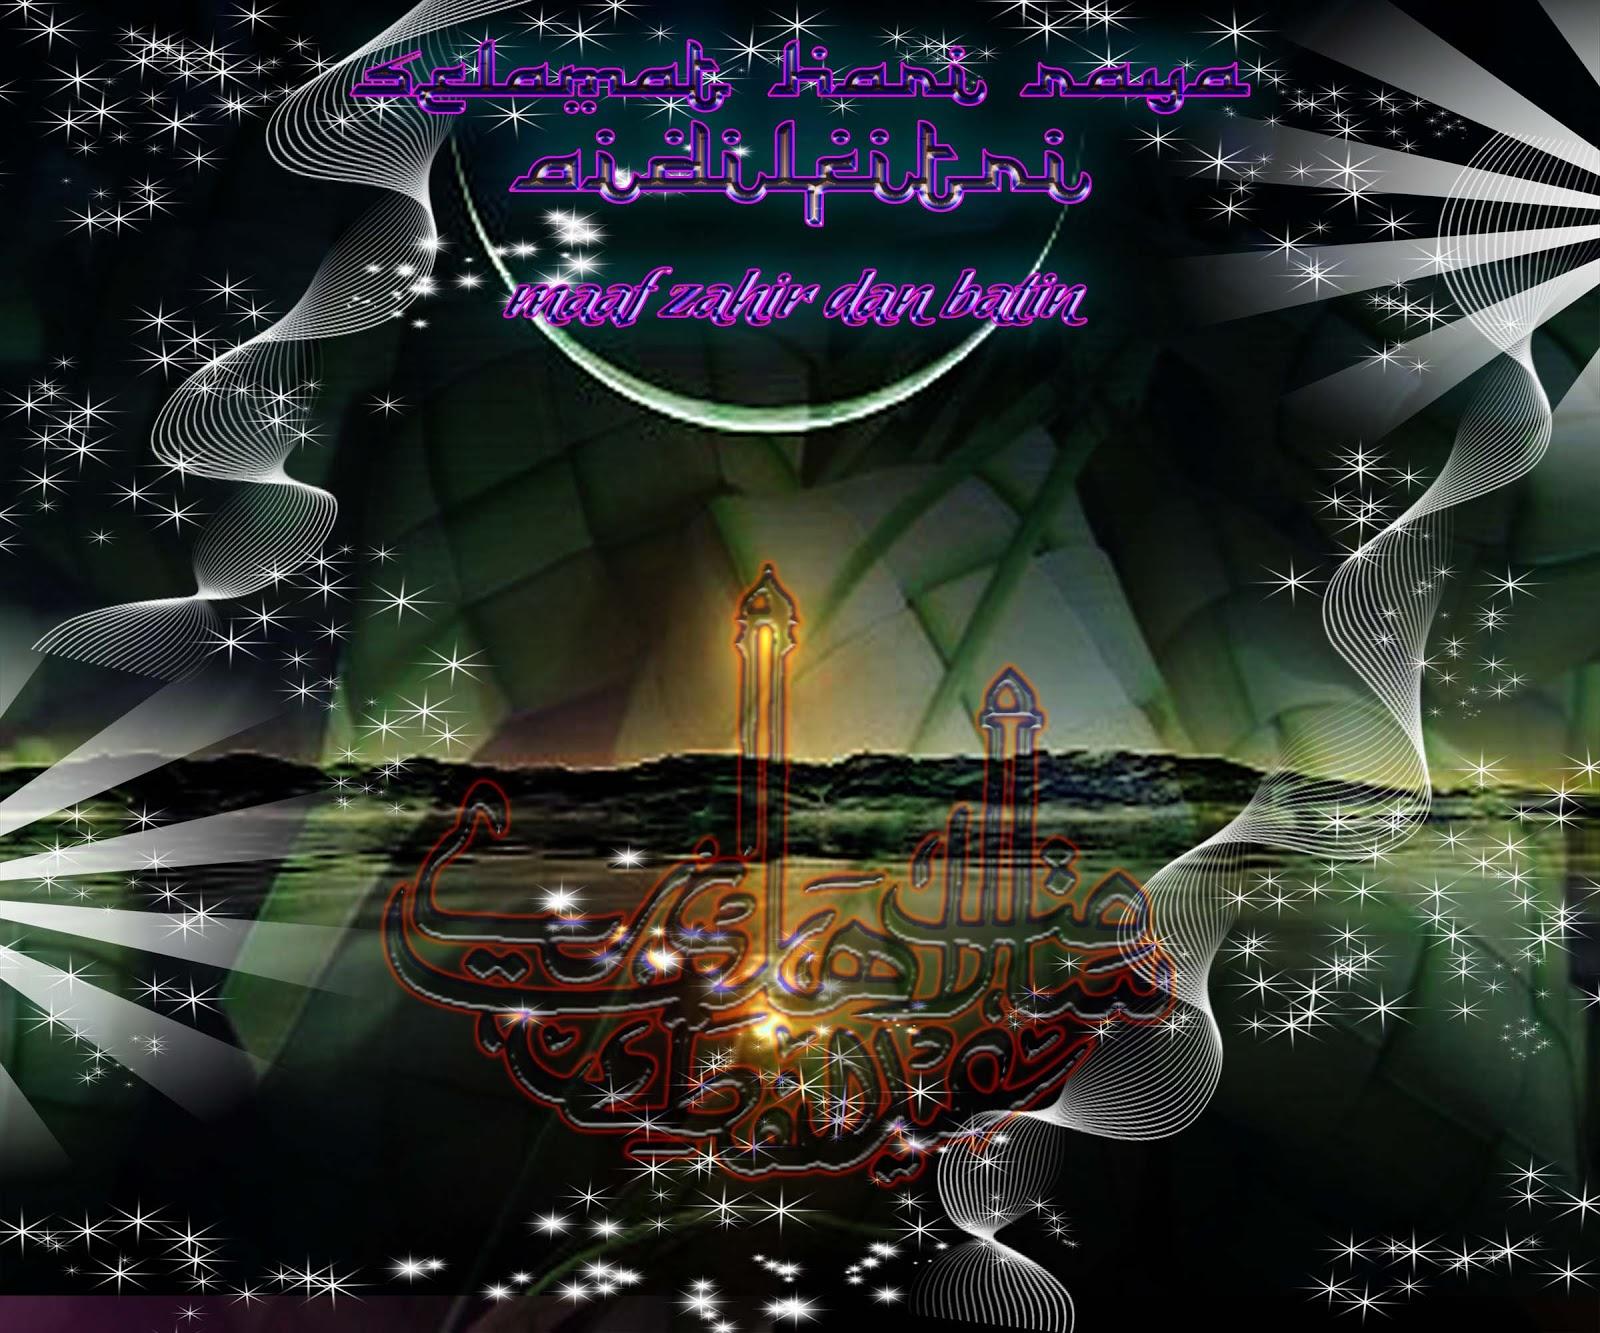 http://2.bp.blogspot.com/-RviEZc_QmwA/TkO5LUKMuxI/AAAAAAAAAw4/0kQv6WTrDWA/s1600/raya3.jpg